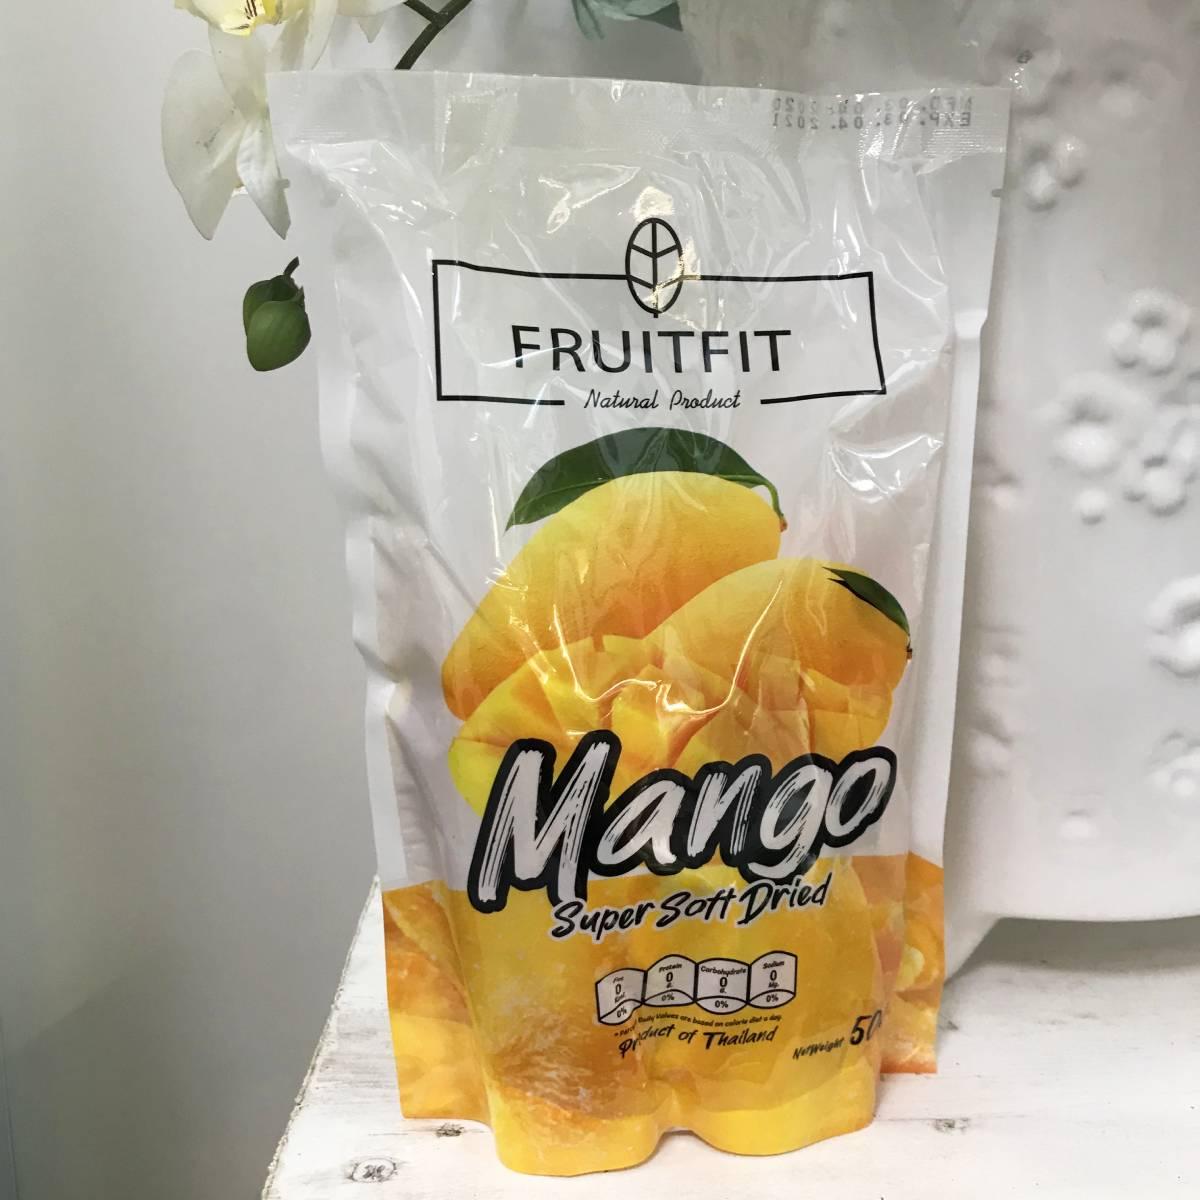 Манго сушеное, Fruitfit, 500 г Тайланд